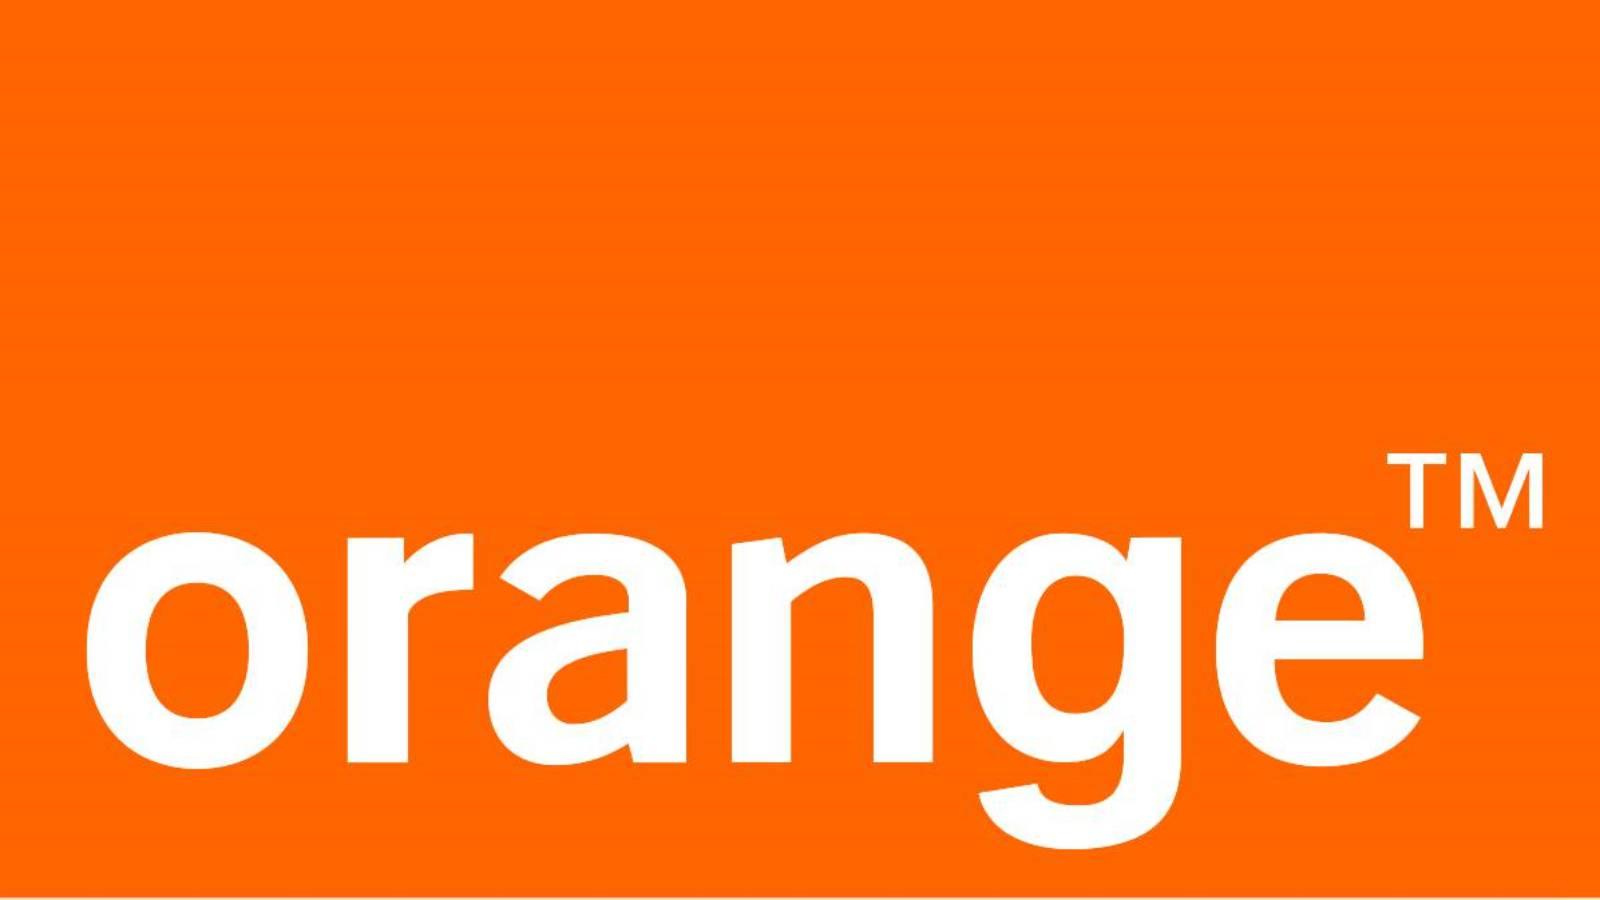 orange laude